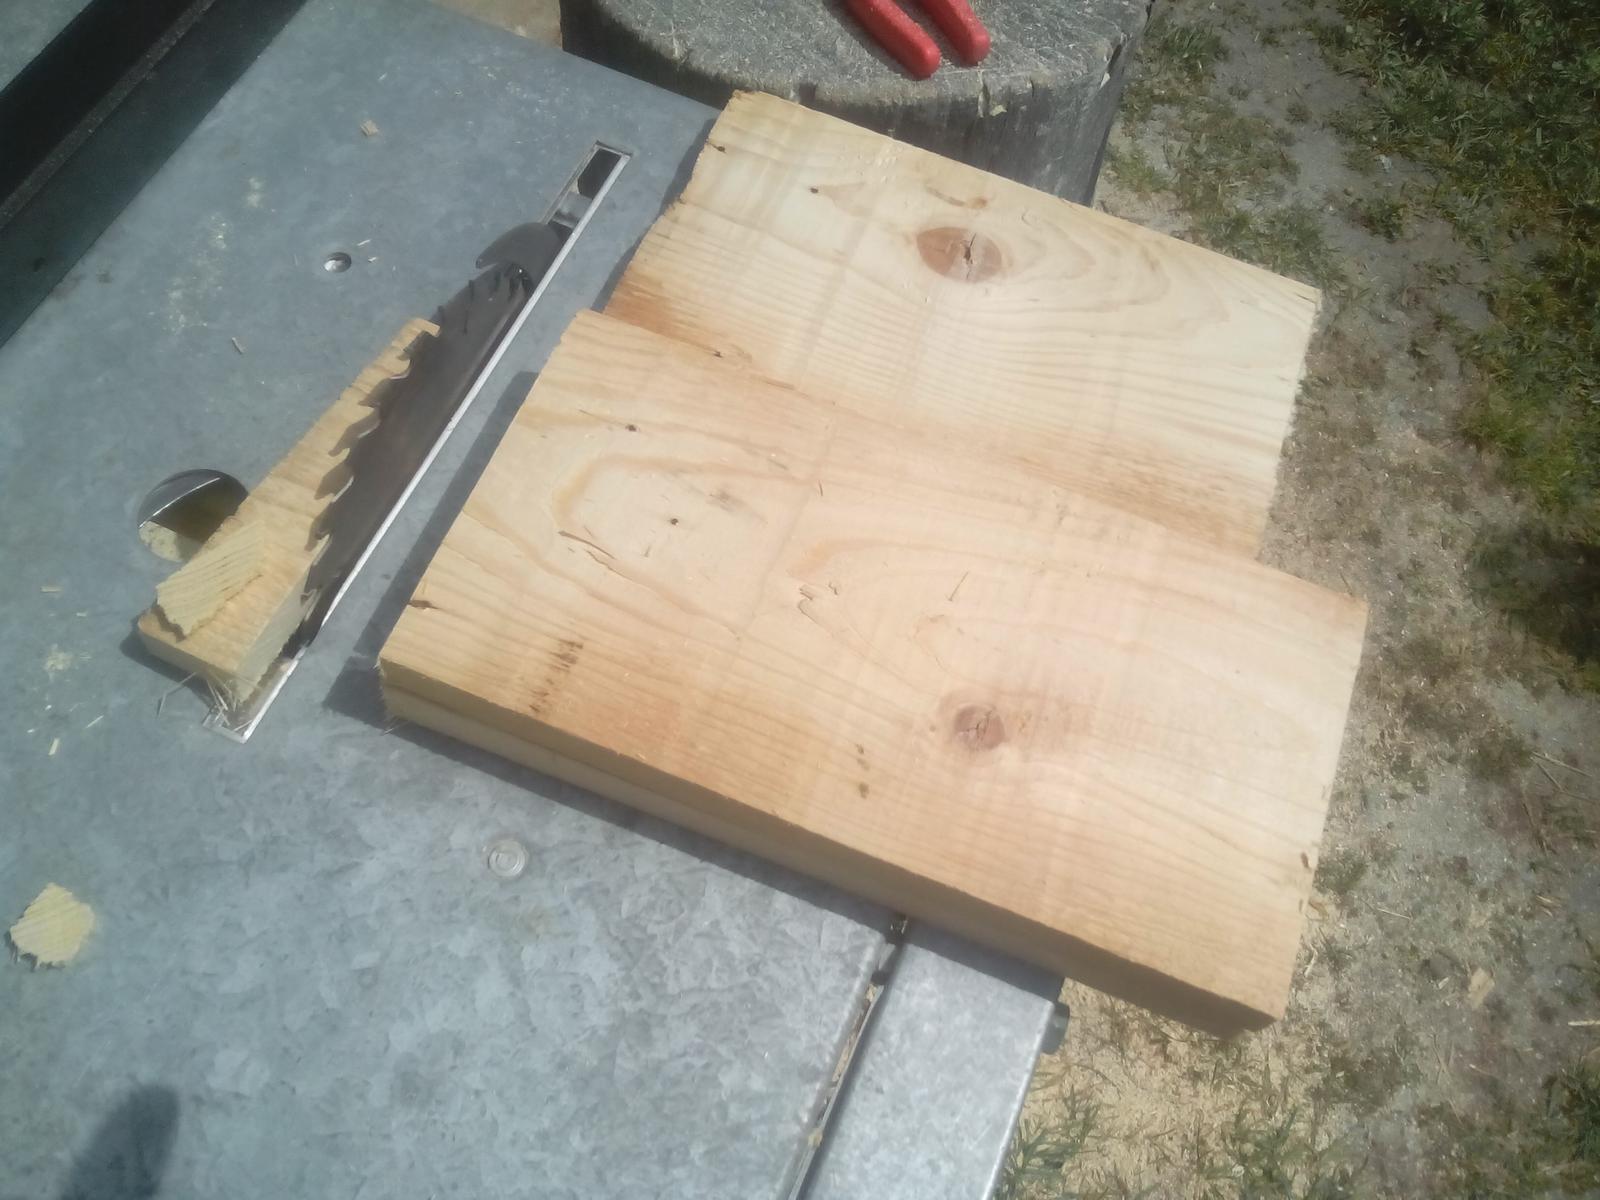 Ešte raz niečo zo zbytkov dreva - Potrebujeme trochu zvaškov dreva, pekné počasie a dobrý nápad. :o)